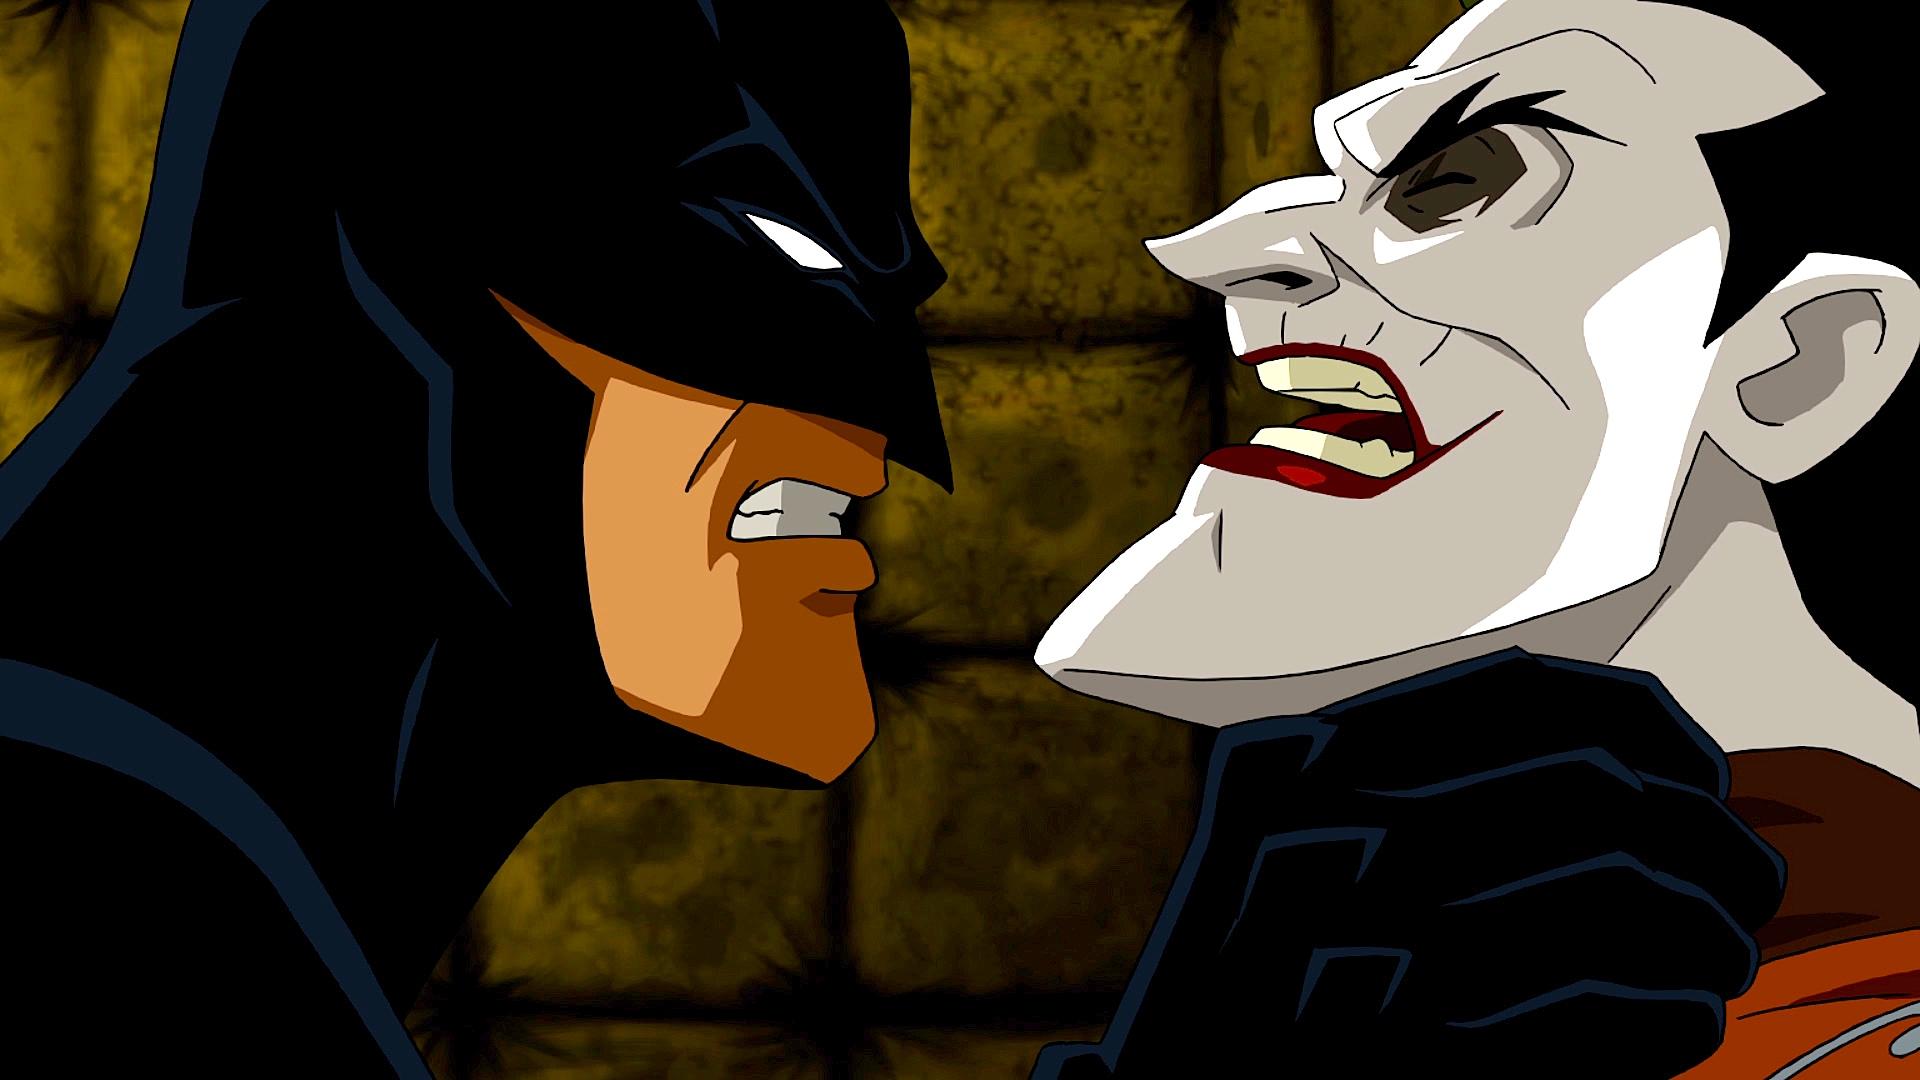 http://dailypop.files.wordpress.com/2010/05/bat_clench_joker.jpg